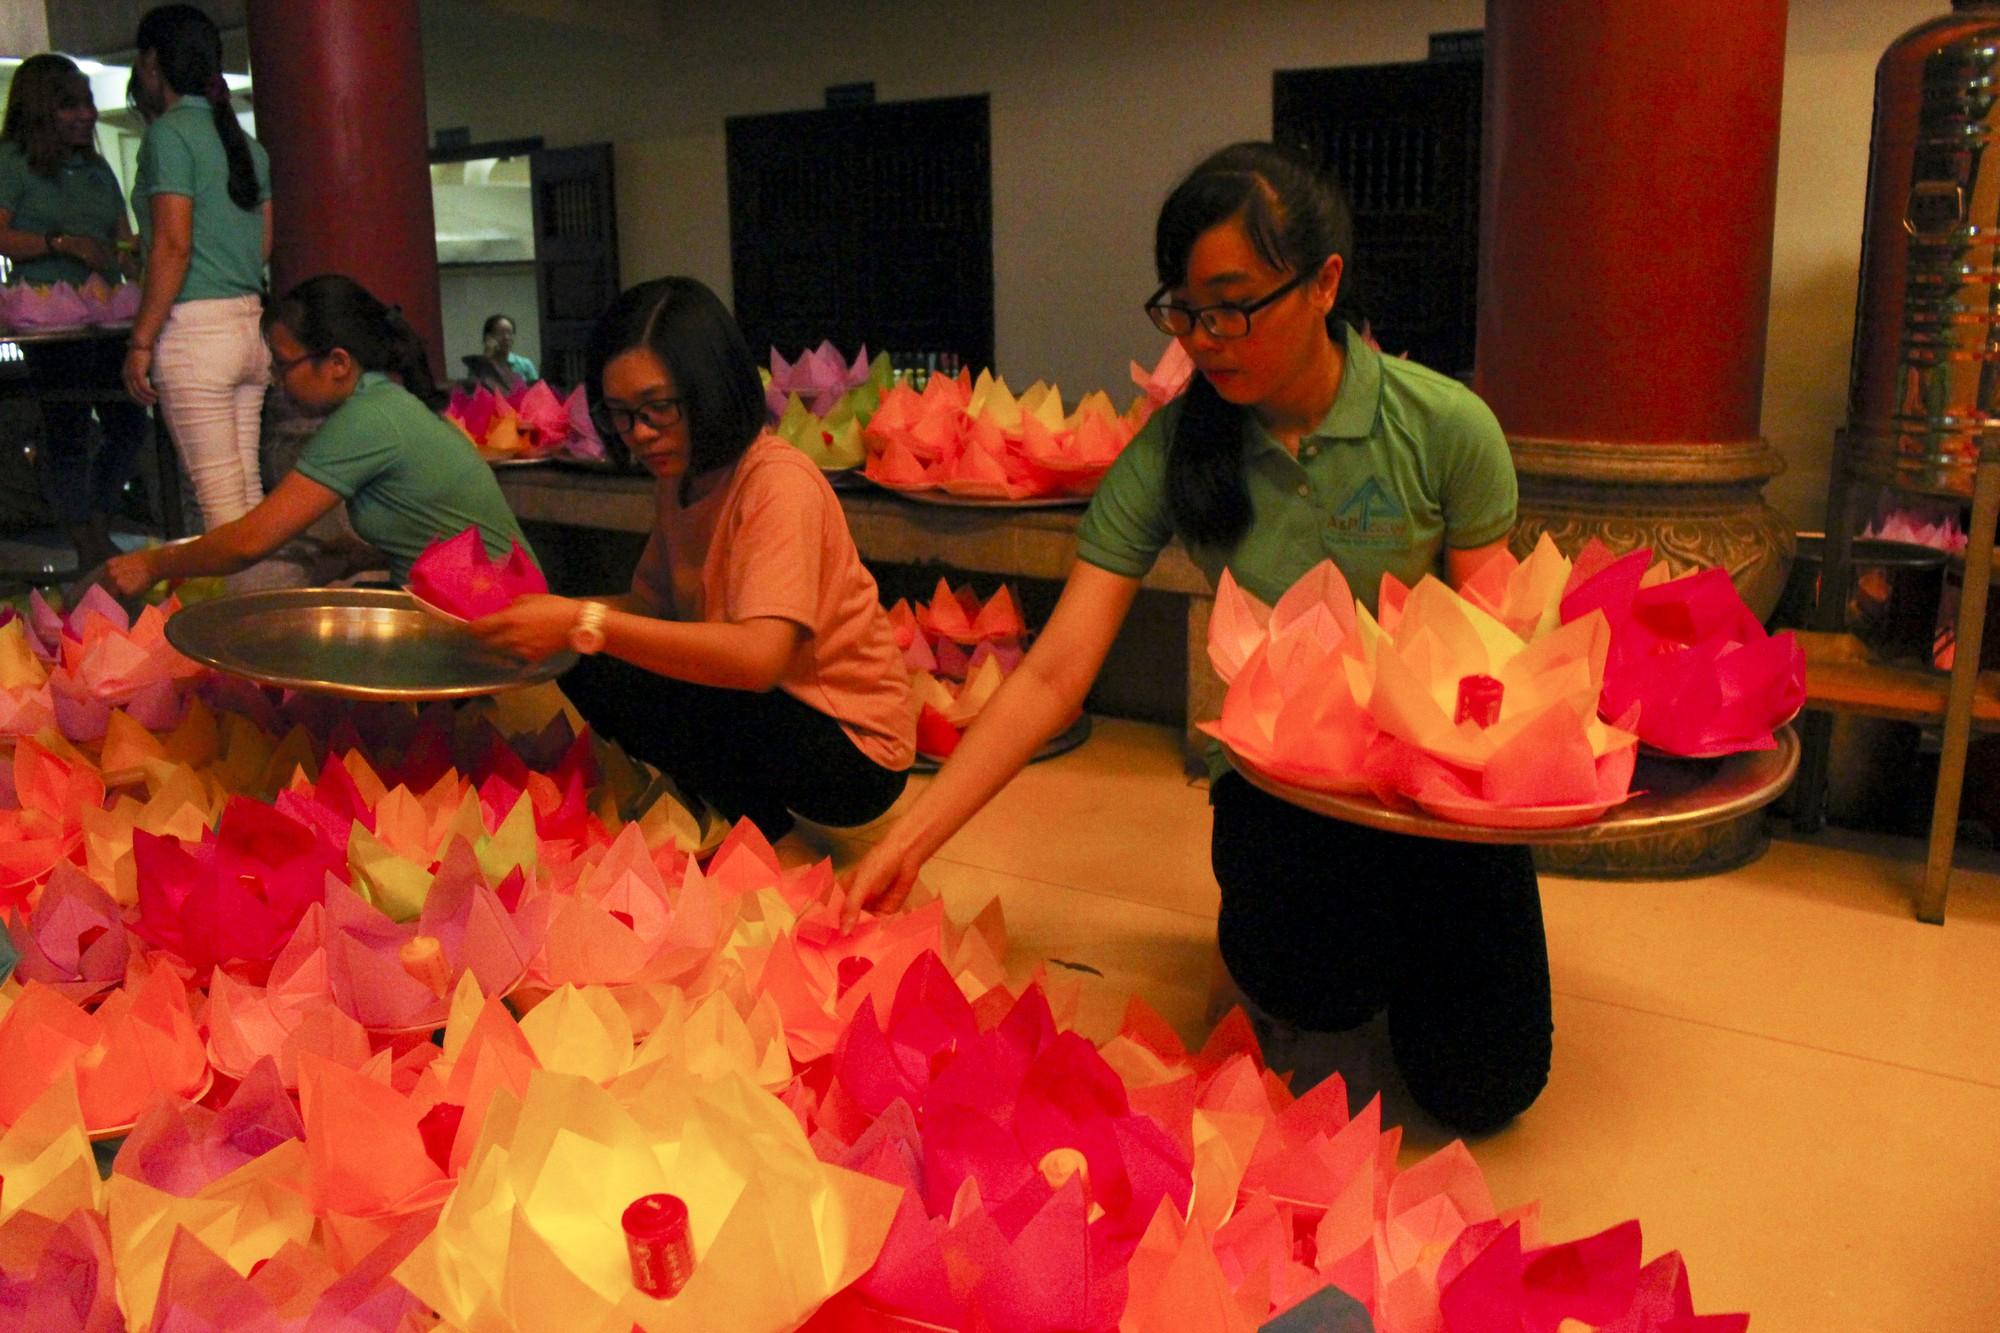 Chùa Pháp Hoa lung linh ngọn đèn hoa đăng ngày lễ Phật Đản - Ảnh 7.